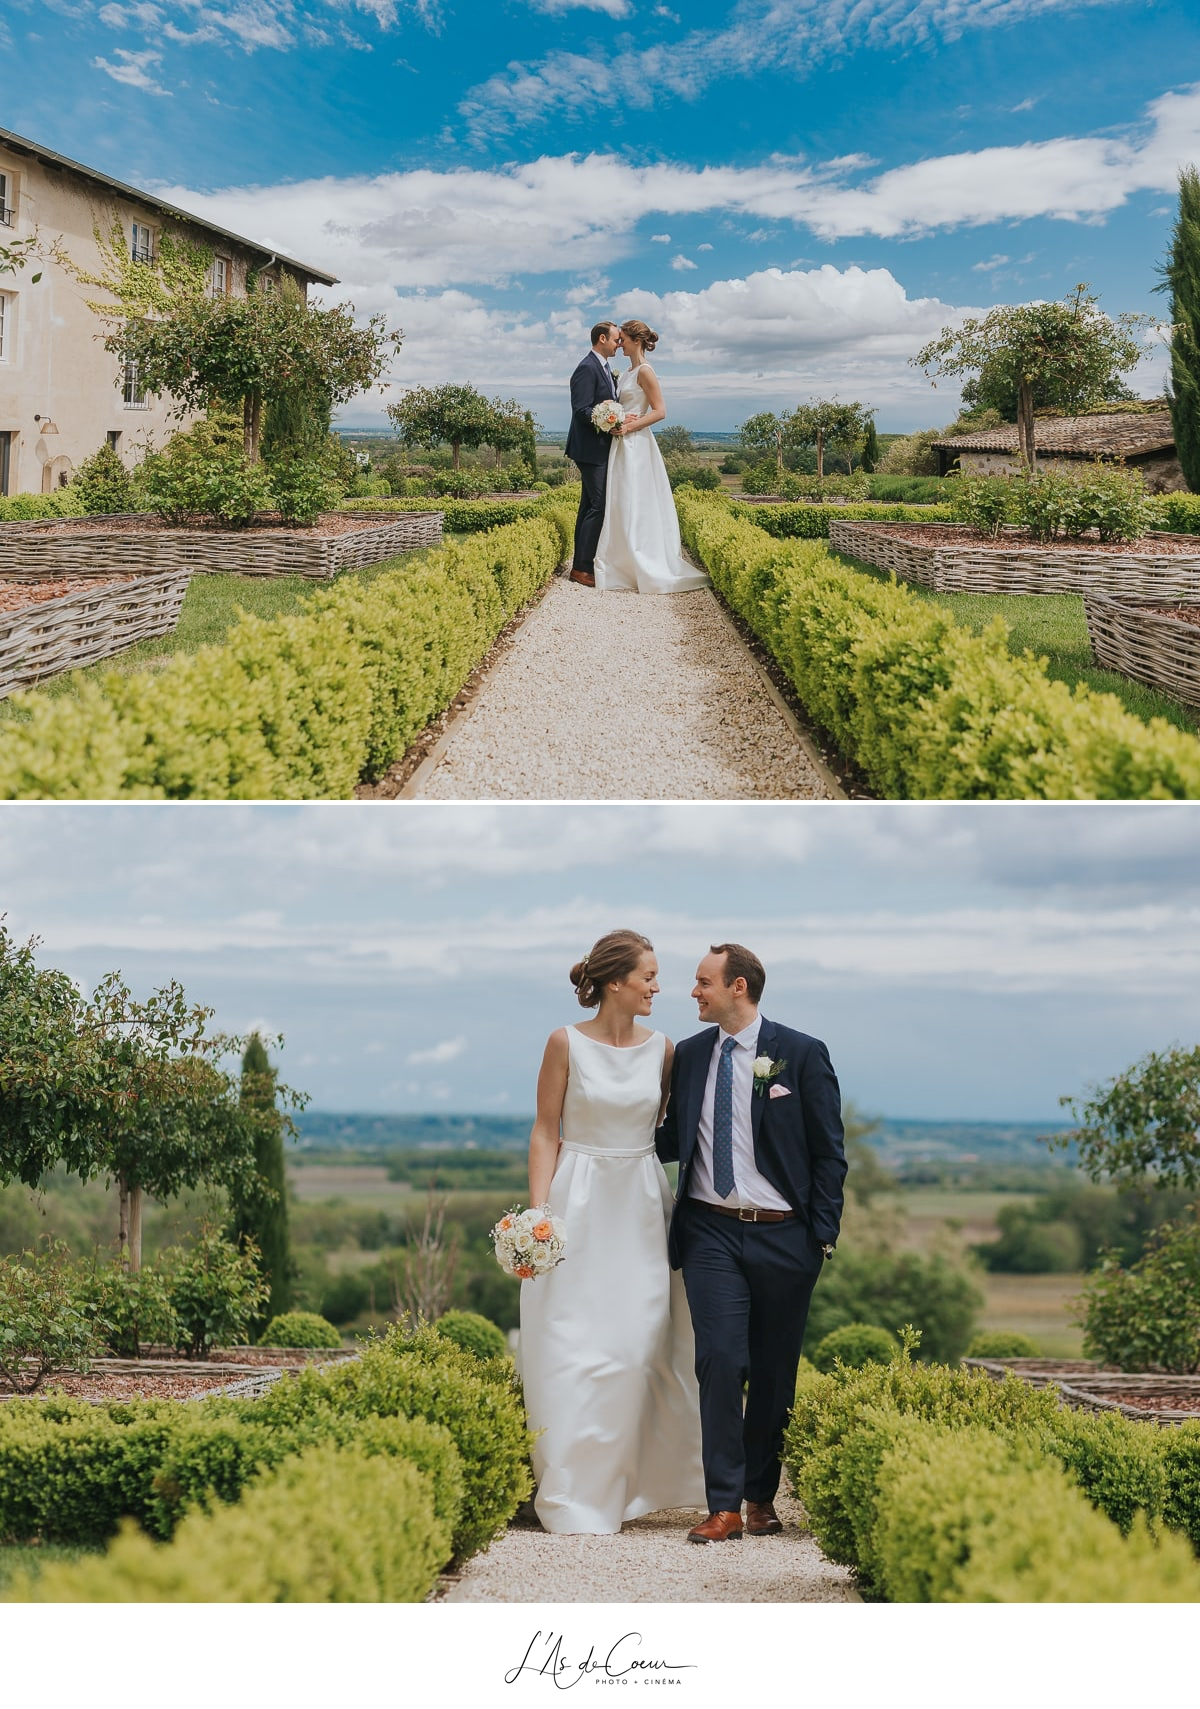 photos couple portraits Domaine de Morgon la javenrière photographe mariage lyon Beaujolais L'As de Coeur